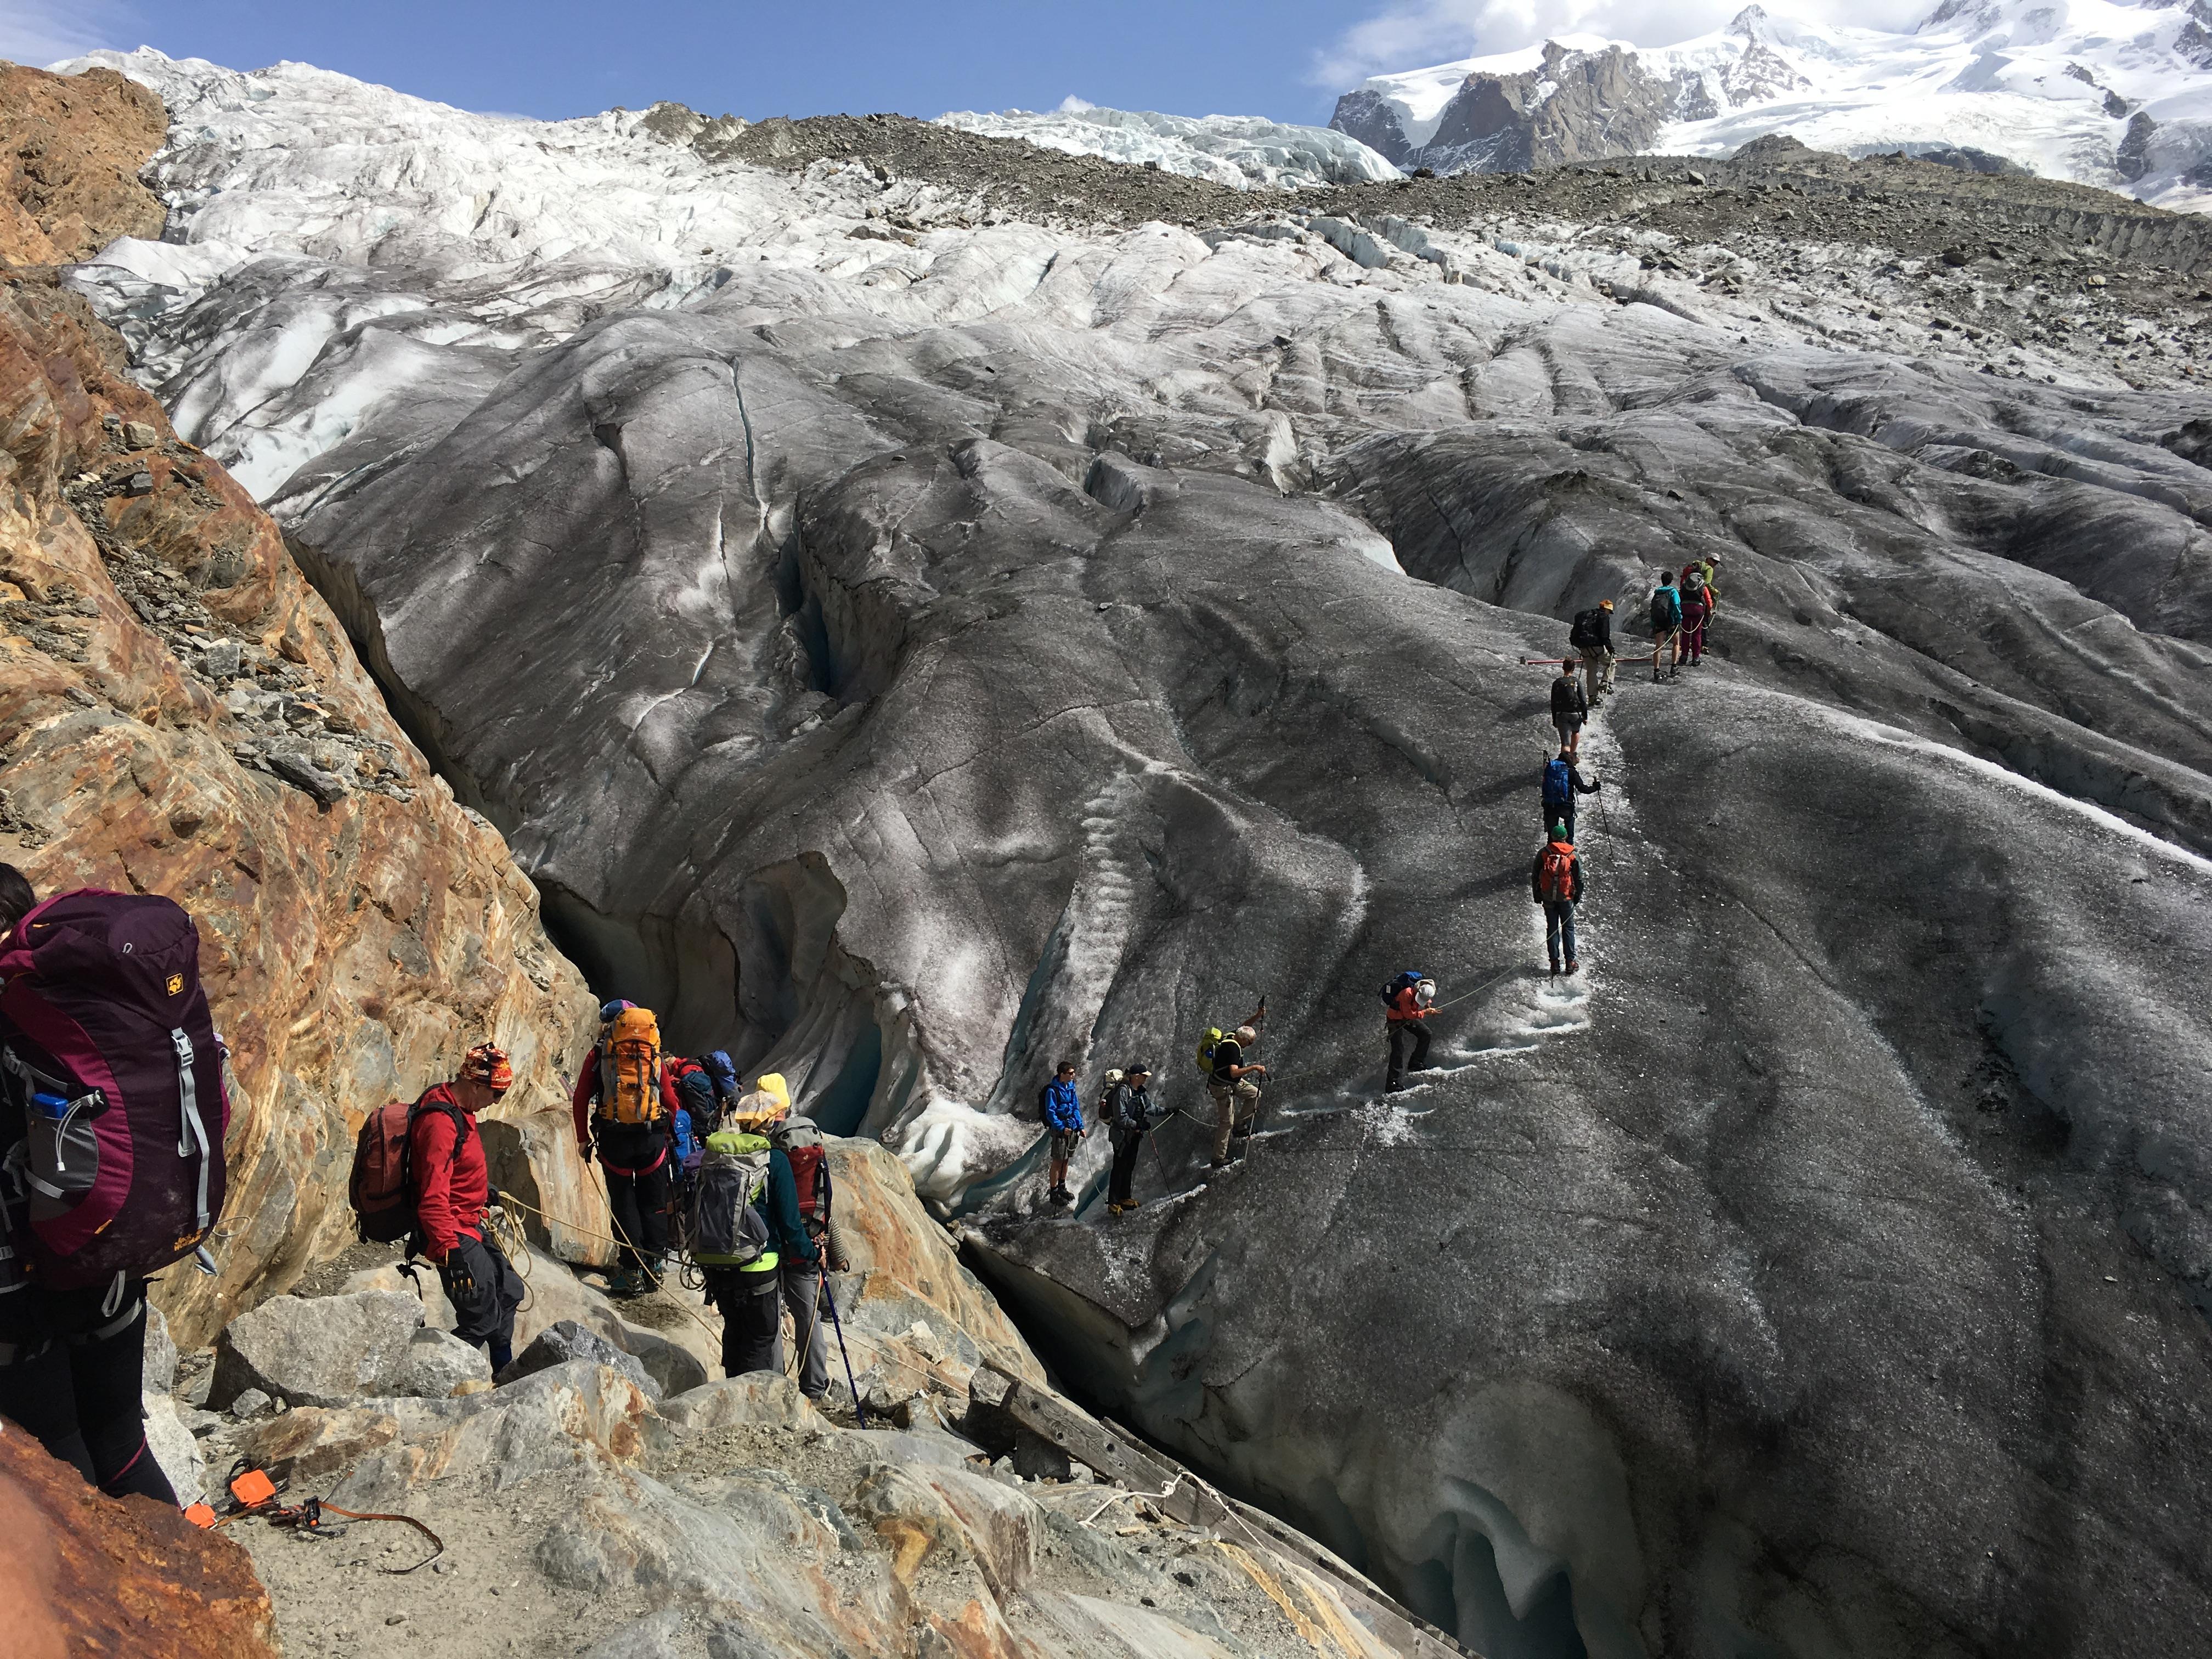 Die ersten Schritte auf den Gletscher